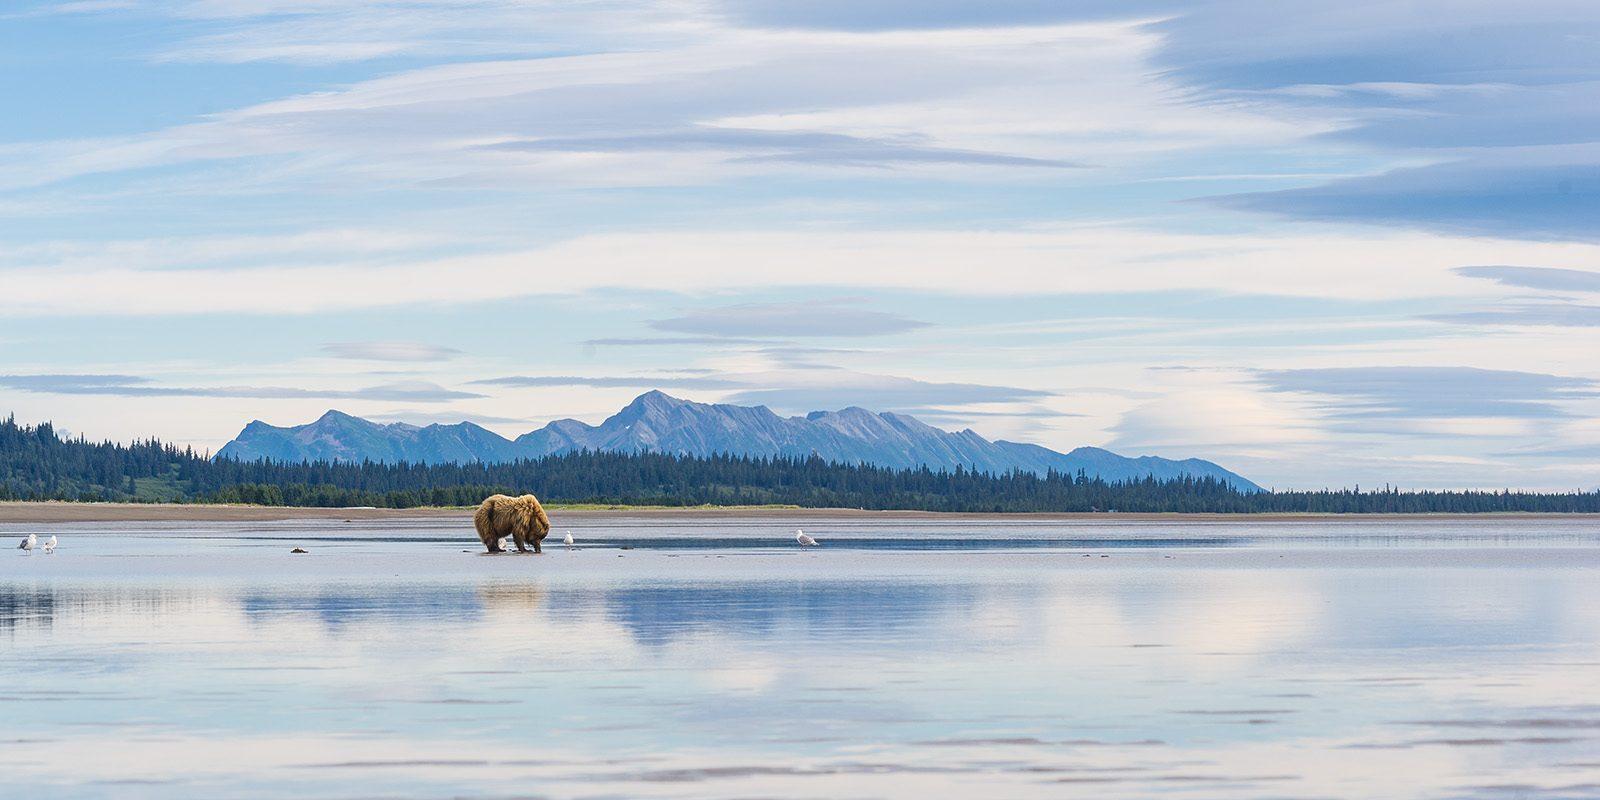 Grizzly på fjære sjø av Kjell Erik Moseid